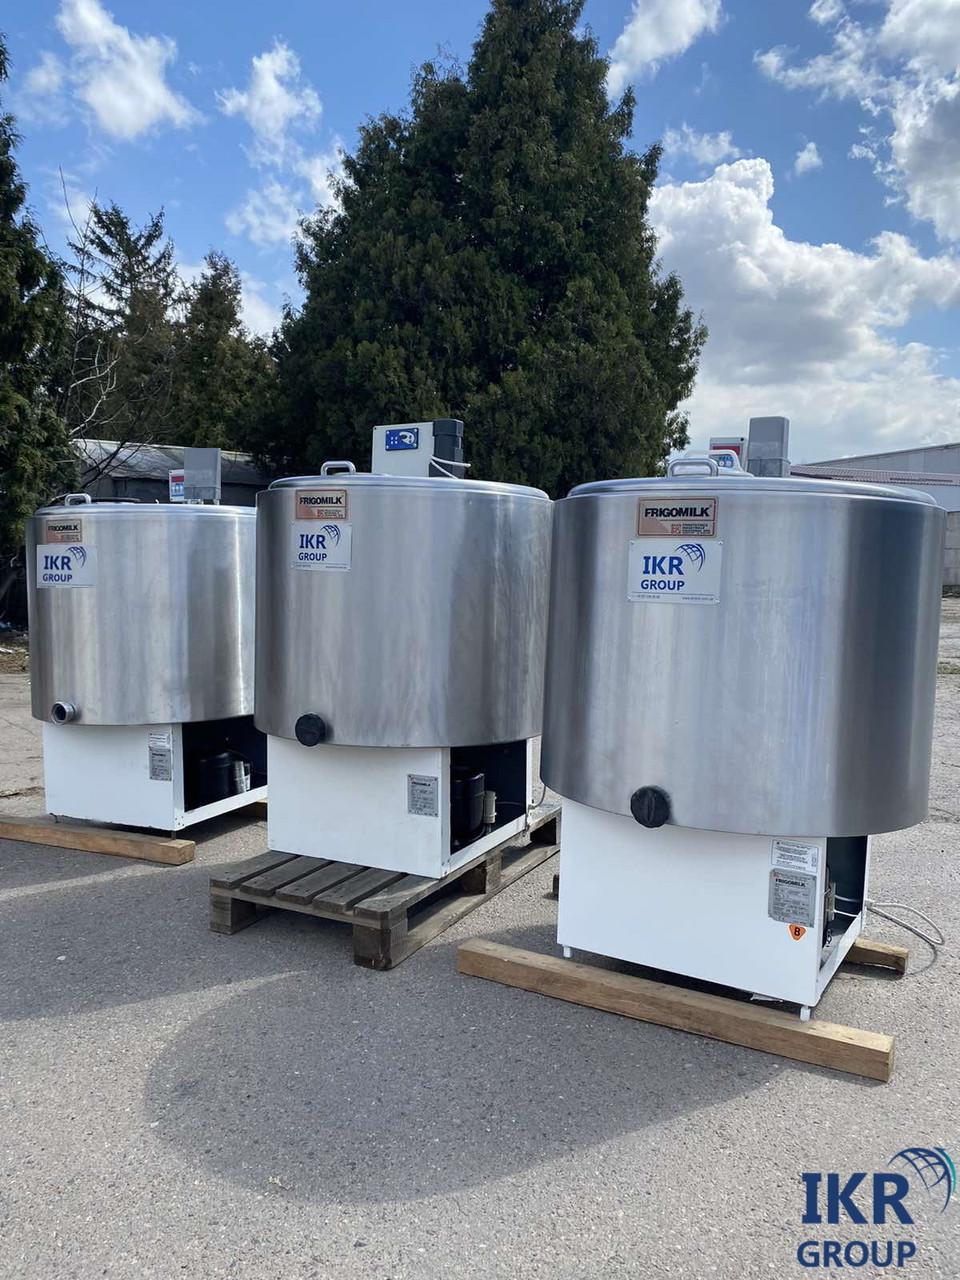 Охолоджувач молока в магазин Frigomilk (Фрігомілк) на 300 літрів / Охолоджувач молока Frigomilk на 300 літрів